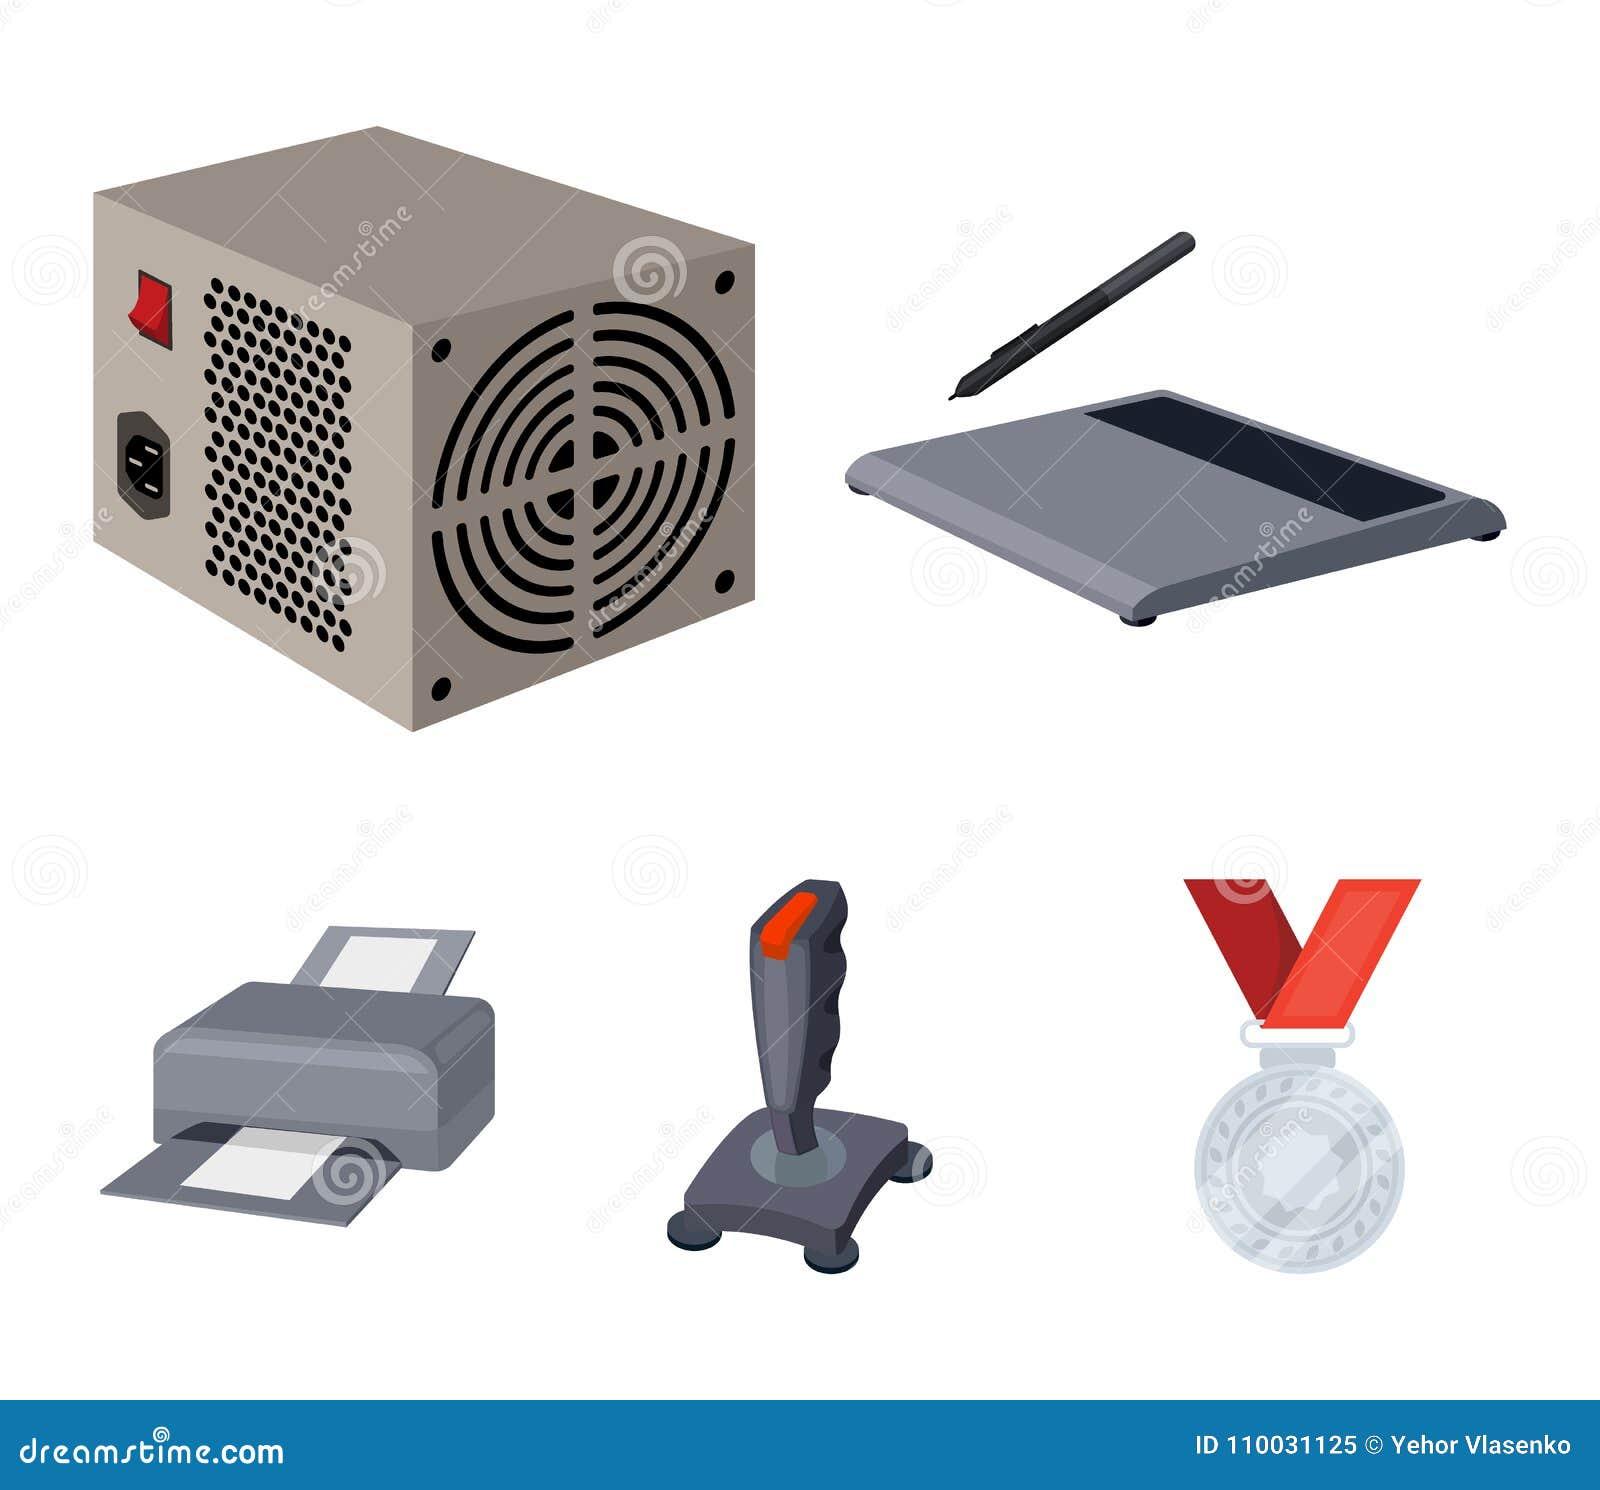 Machtseenheid, dzhostik en ander materiaal Pictogrammen van de personal computer de vastgestelde inzameling in vector het symbool